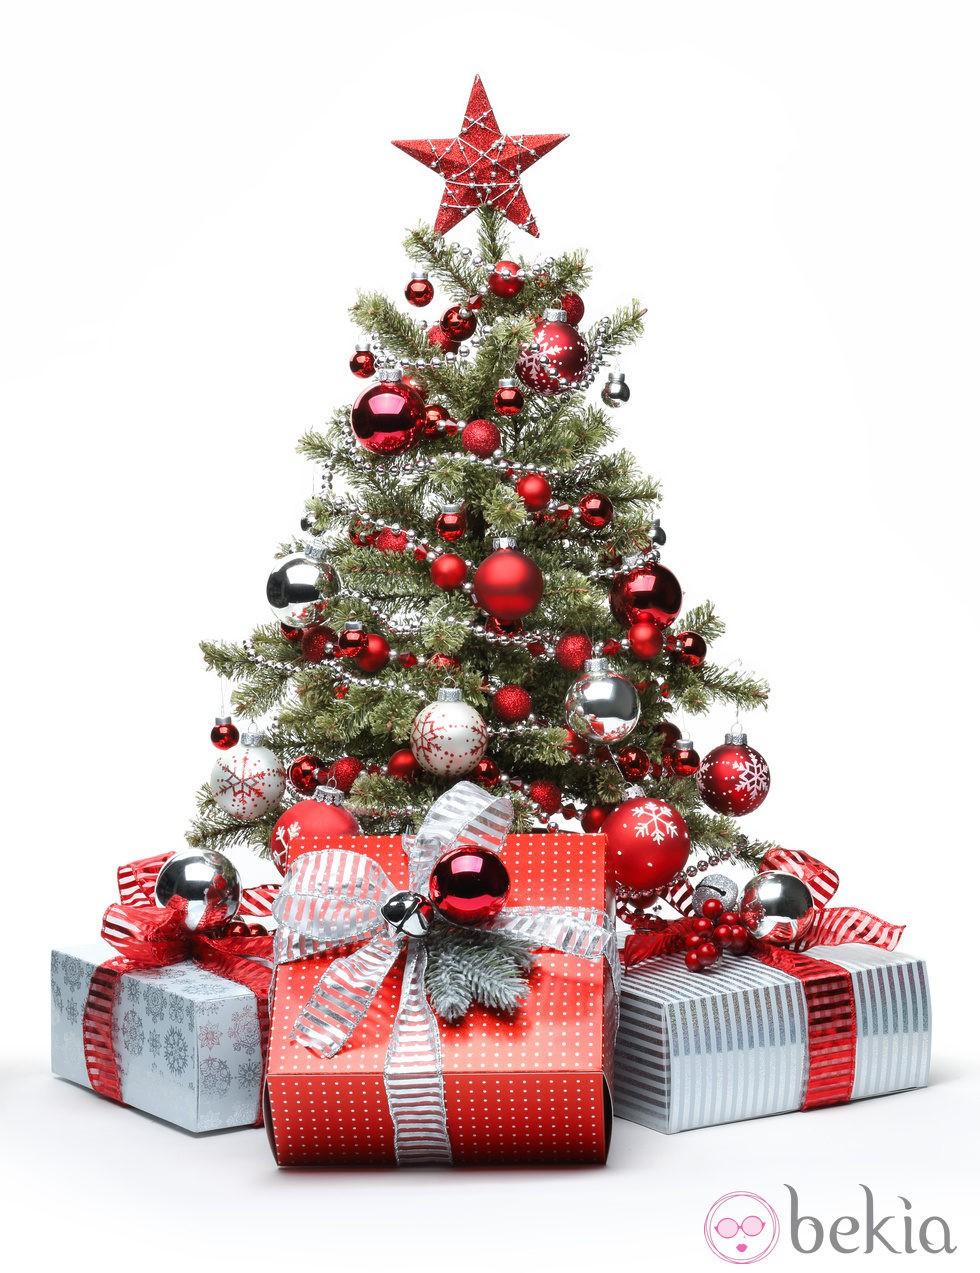 Imagenes arbol navidad decorados imagui - Imagenes de arboles de navidad decorados ...